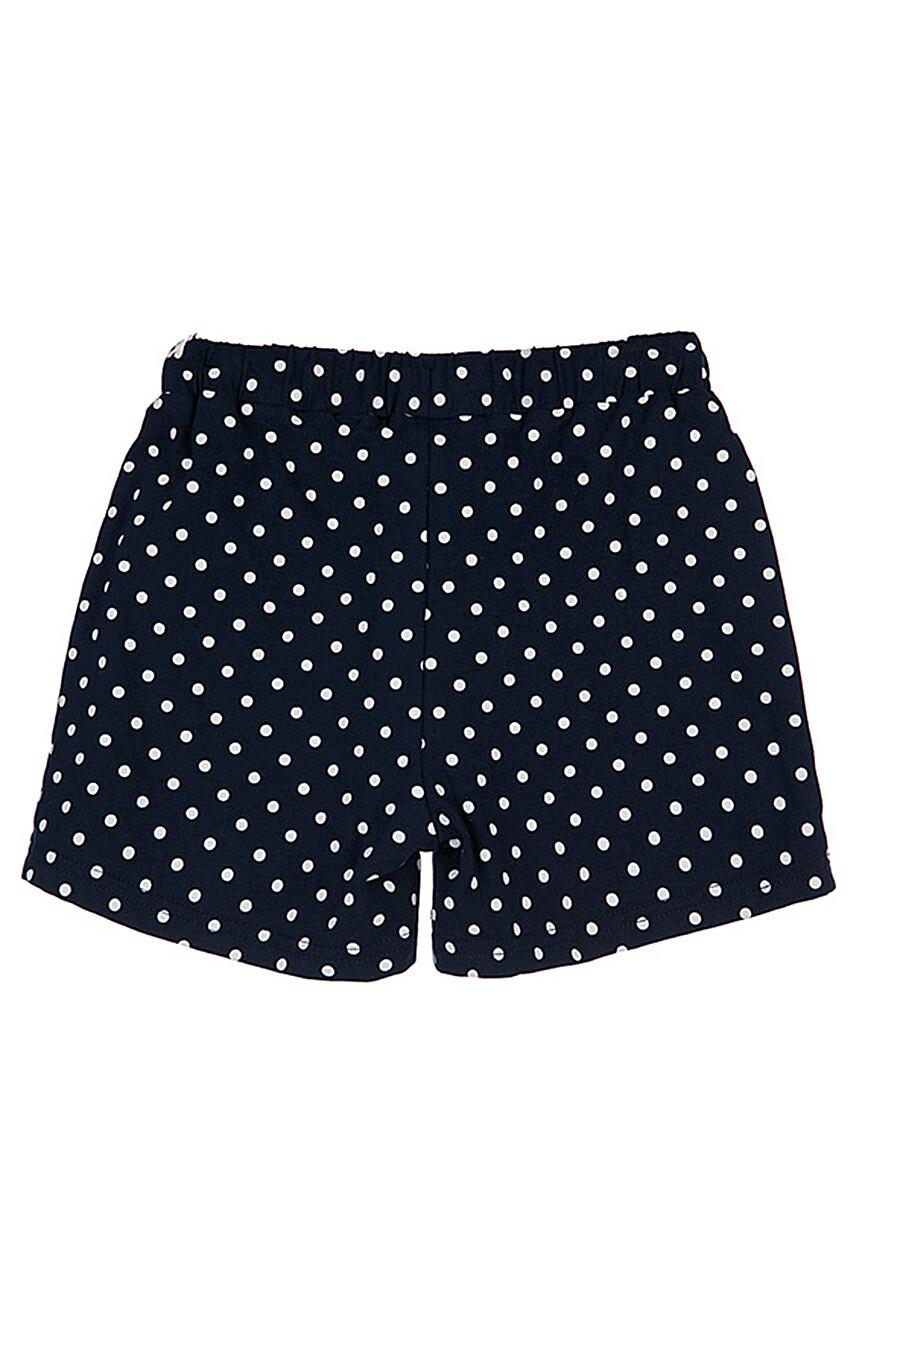 Комплект (Шорты+Футболка) для девочек PLAYTODAY 289489 купить оптом от производителя. Совместная покупка детской одежды в OptMoyo